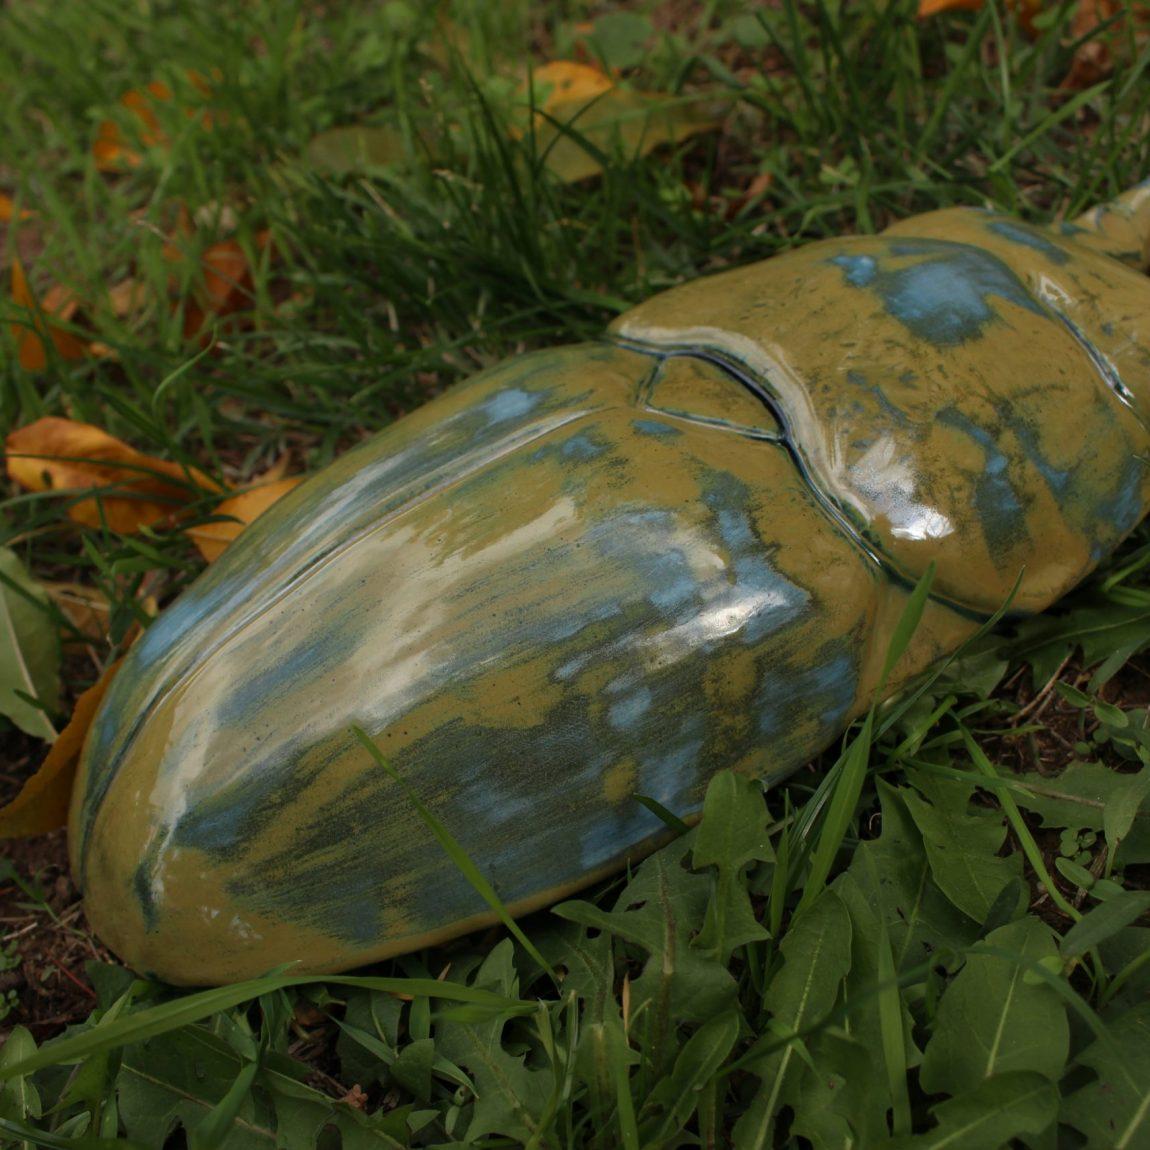 Esra Gül Köseaydın  Insecto Teknik:Döküm yolu ile şekillendirme Ölçü:33x14x6 cm